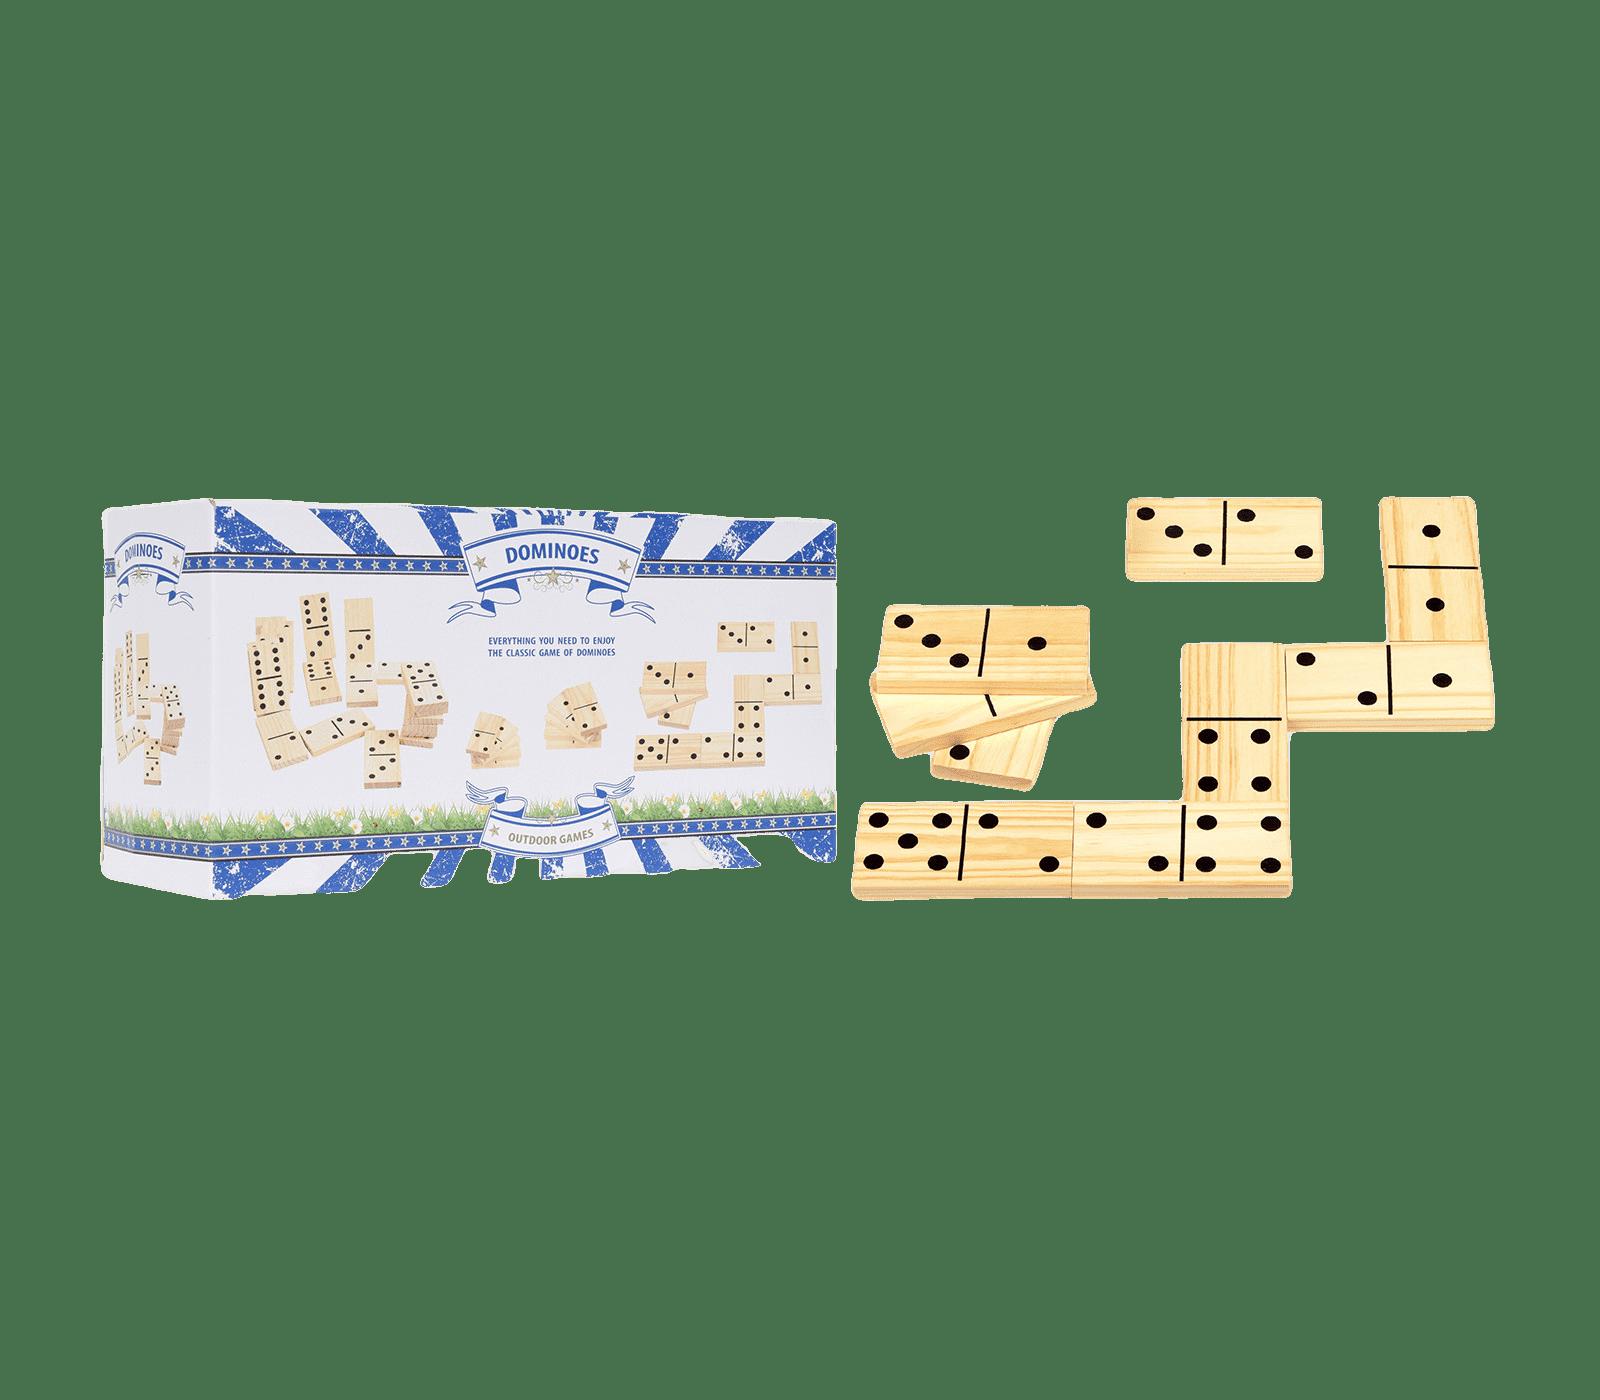 Reuzen domino - 28 stuks